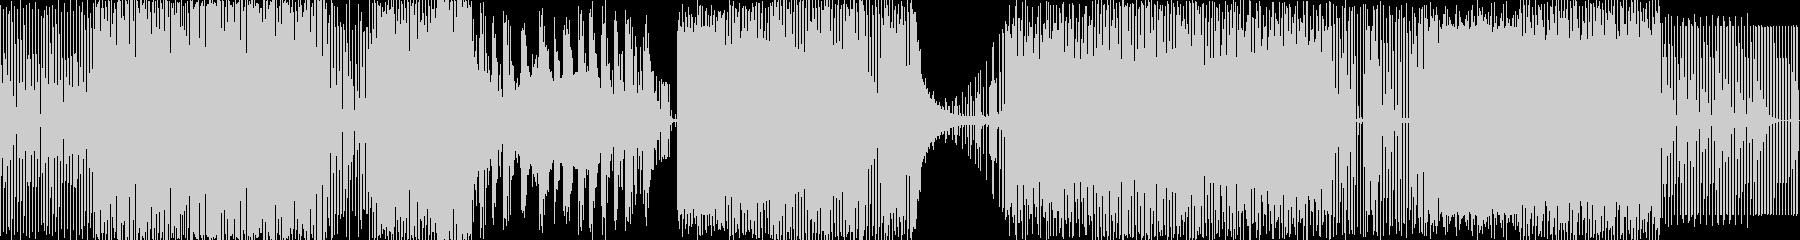 リズミカルで直線的な伝統的なメロデ...の未再生の波形